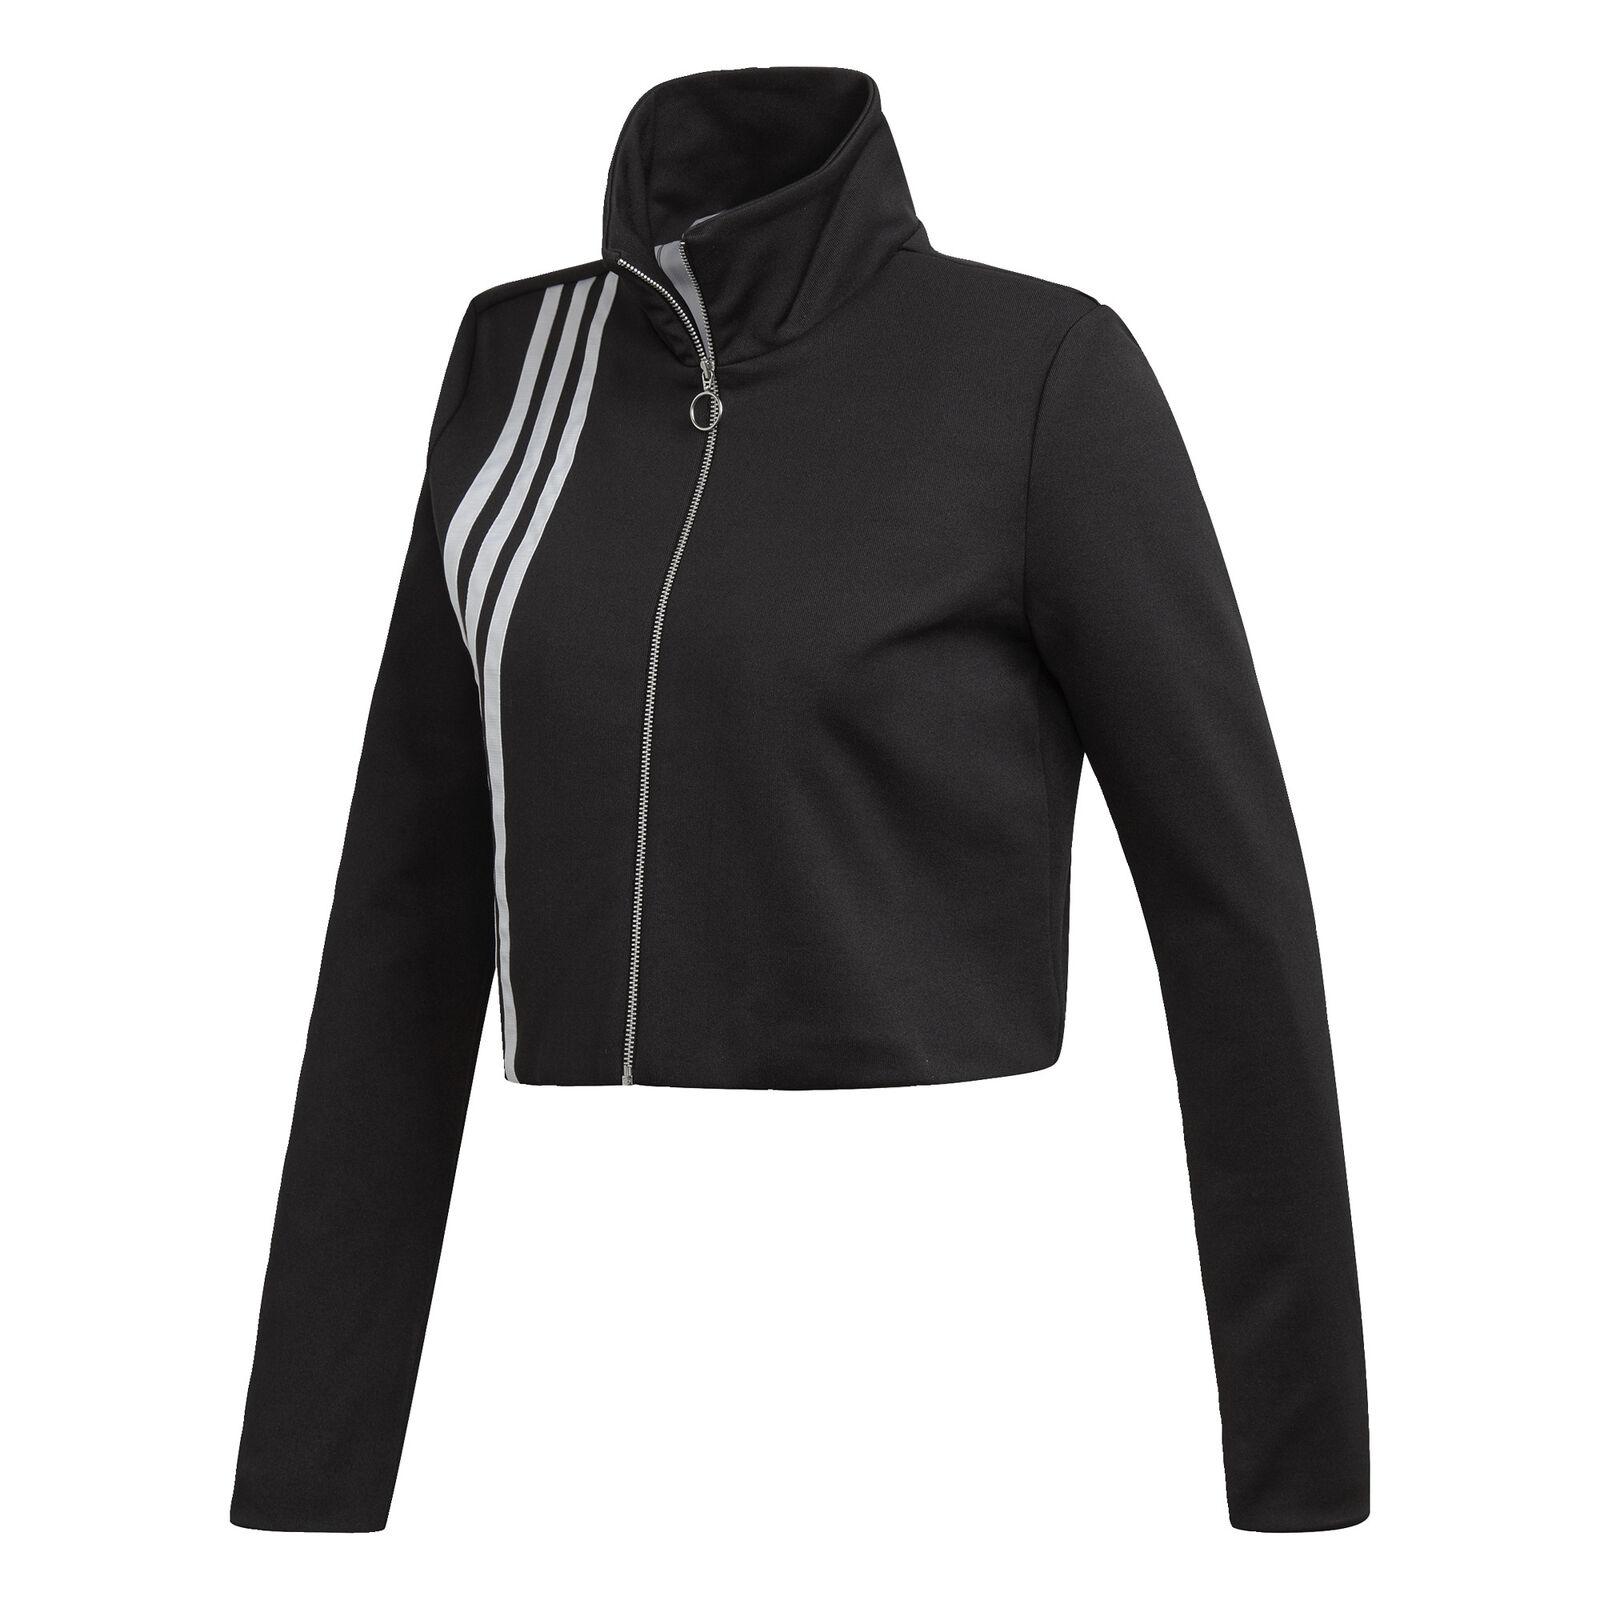 adidas Originals TLRD Originals Jacke Damen Trainingsanzüge Schwarz